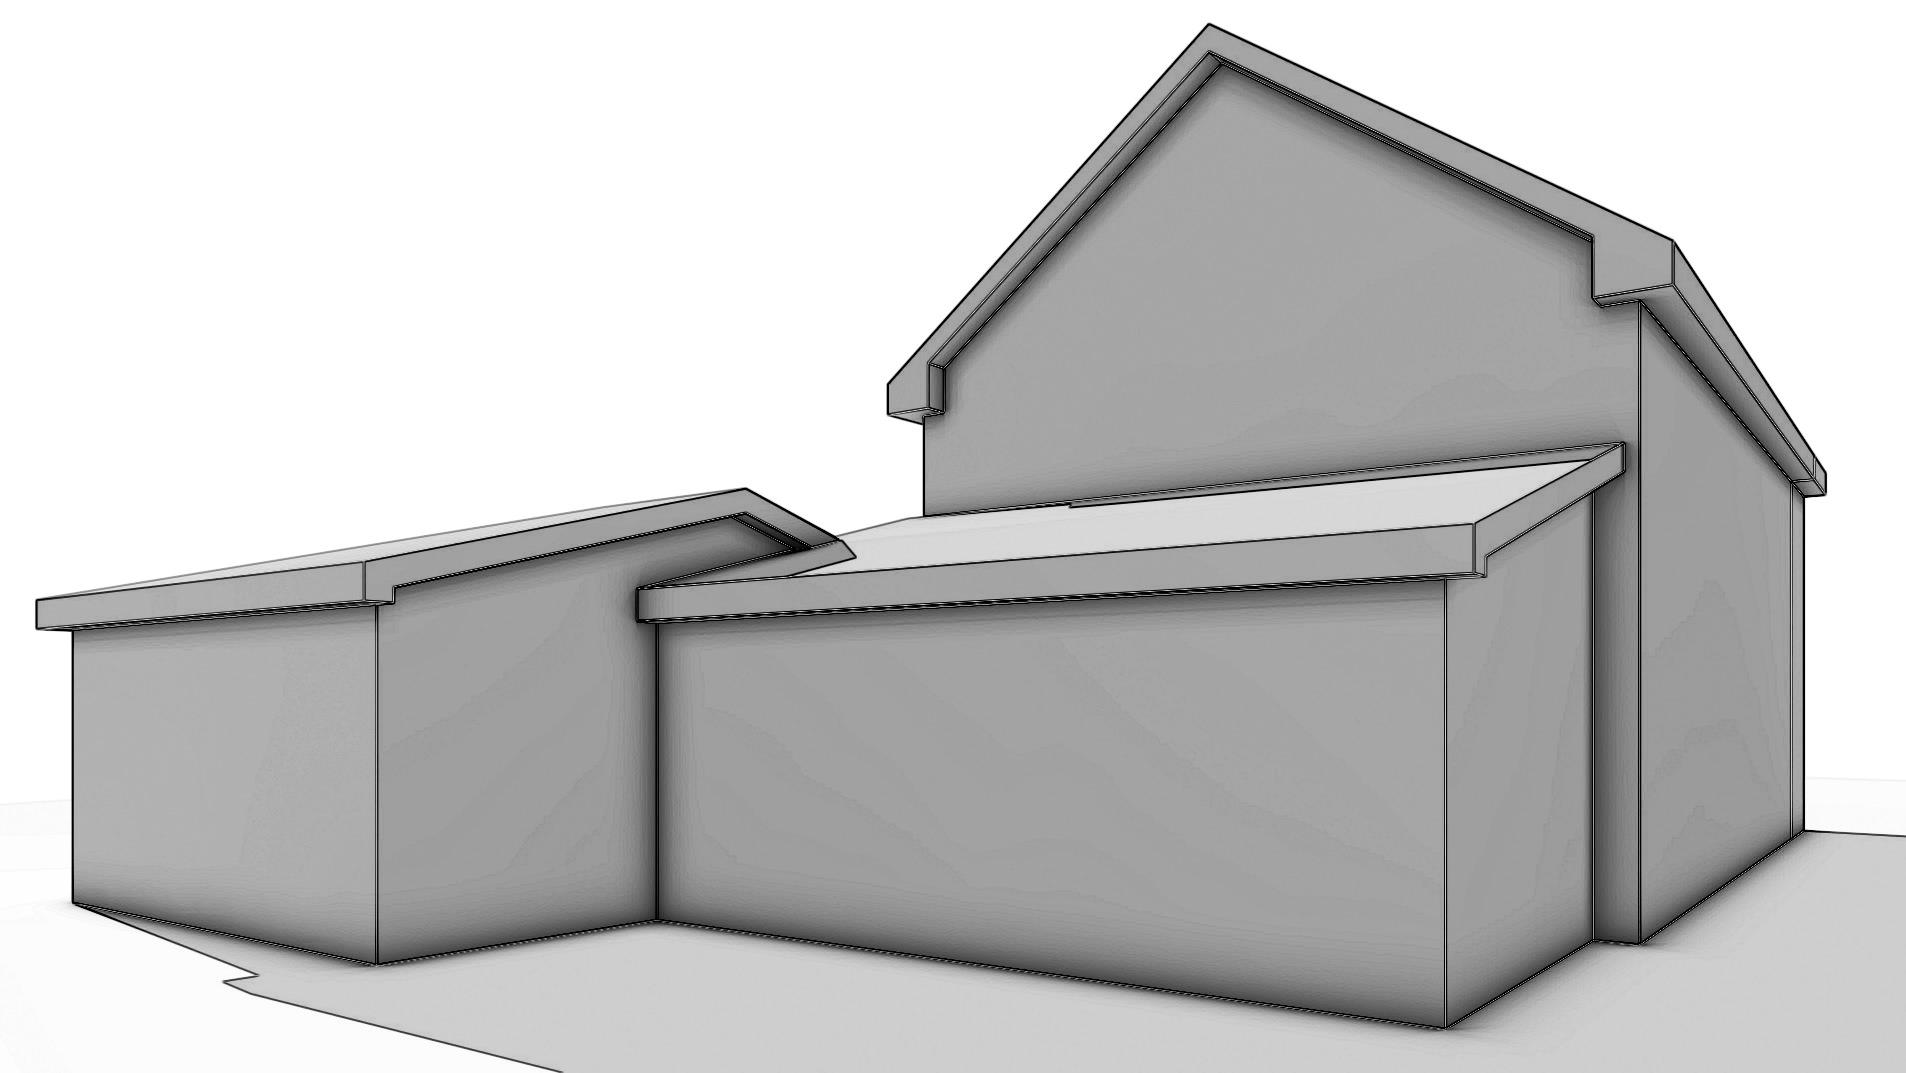 Roofline3-a.jpg